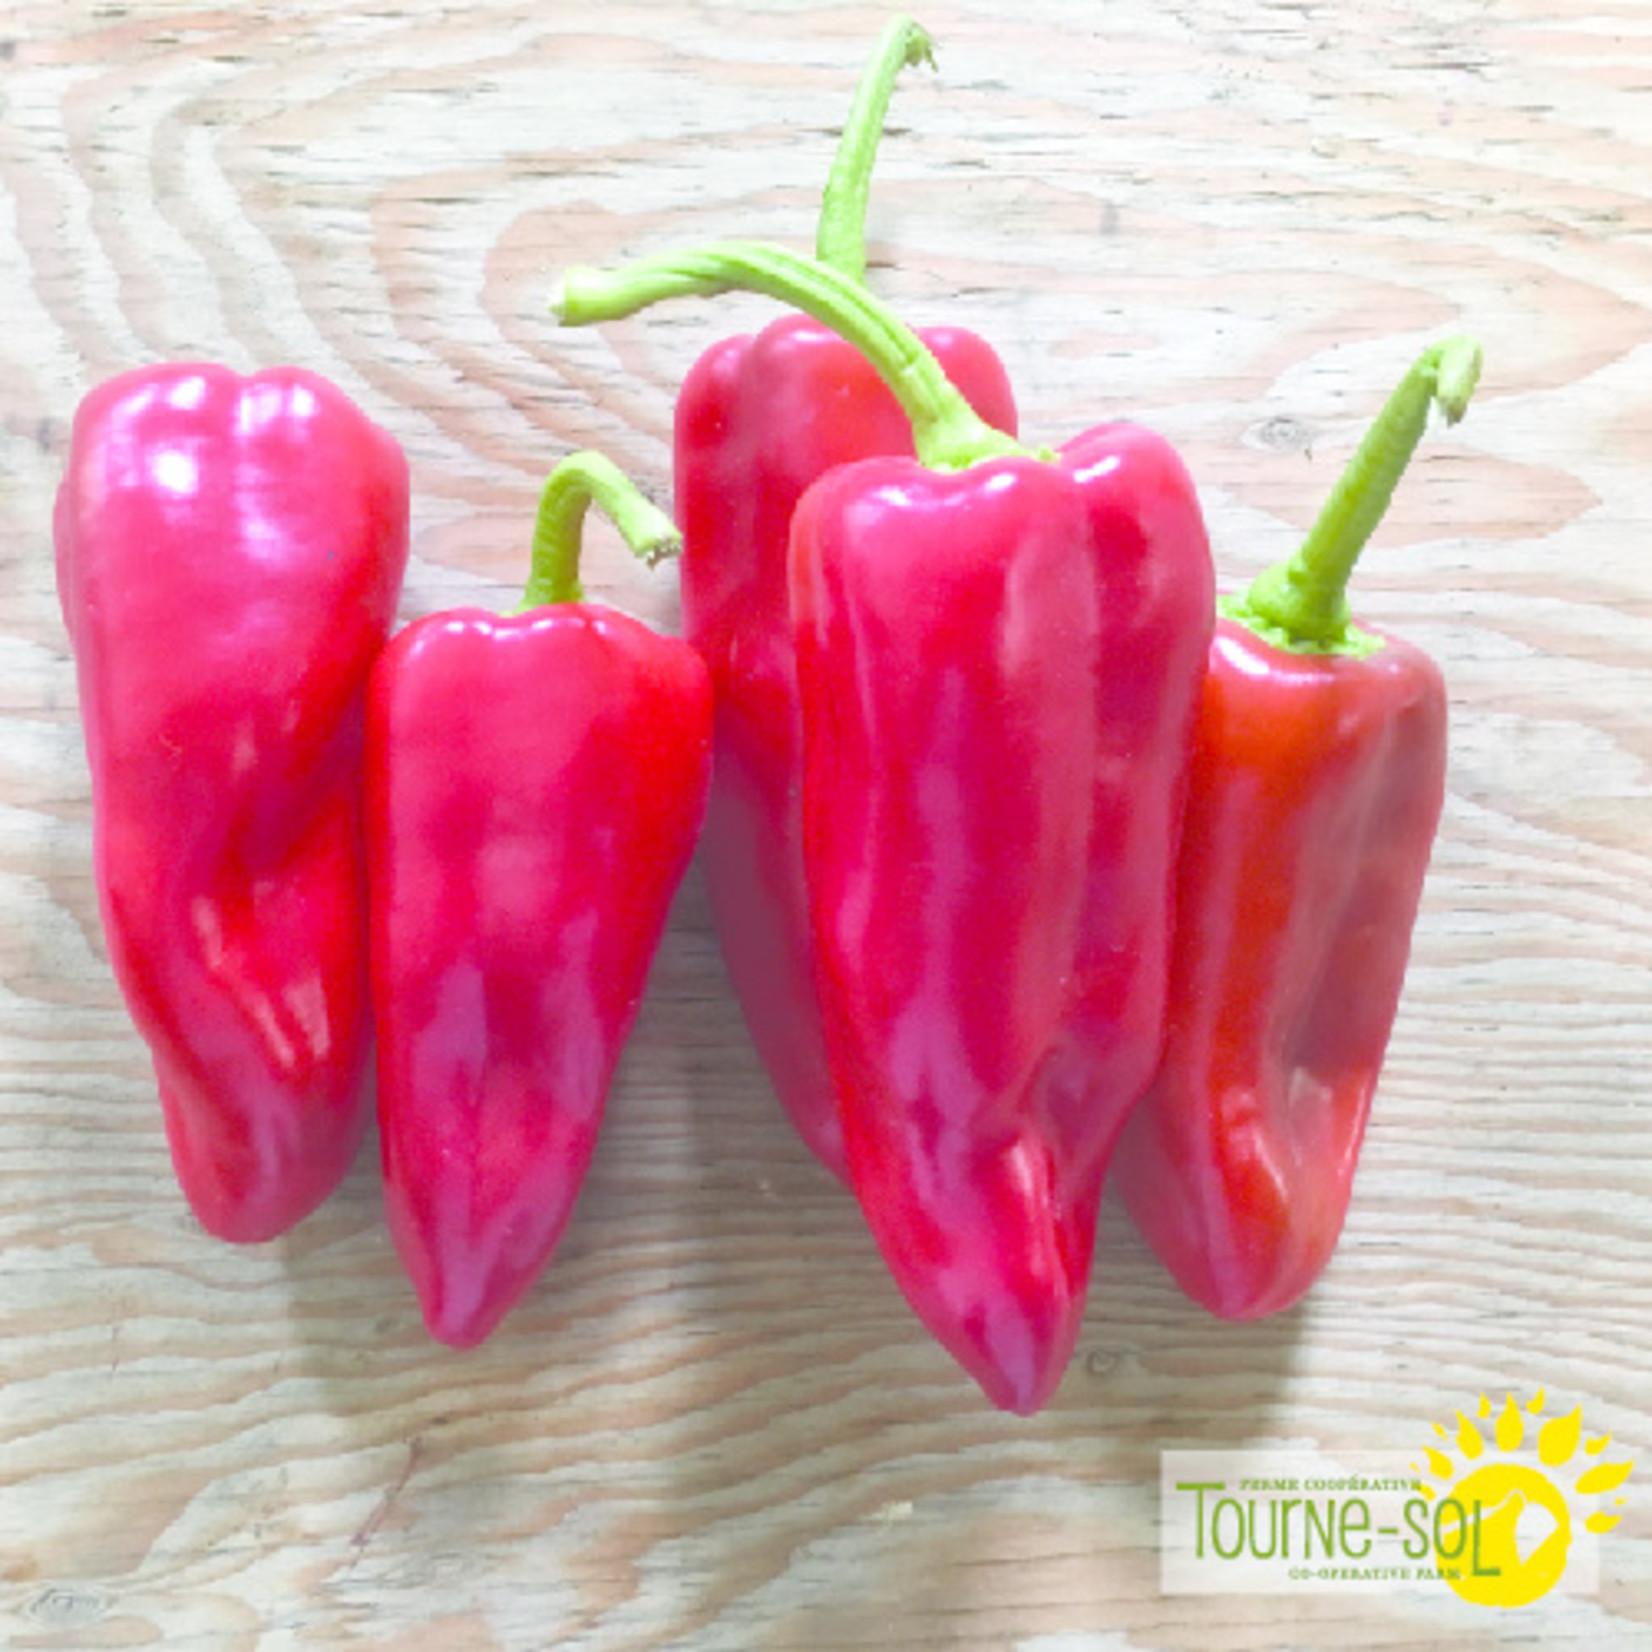 Tourne-Sol Karma red sweet pepper